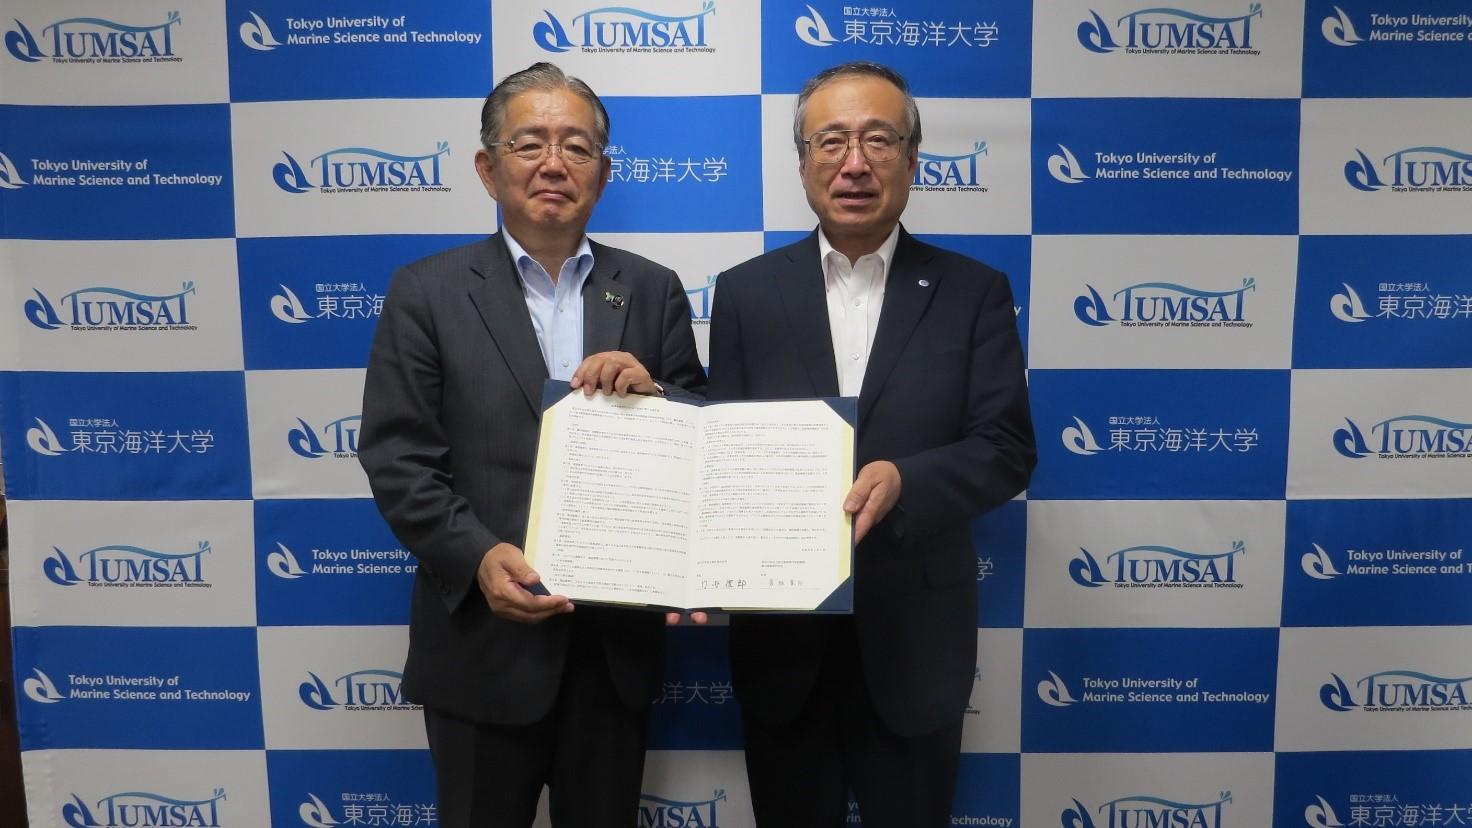 東京海洋大学と連携教育プログラムを実施する協定を結びました。